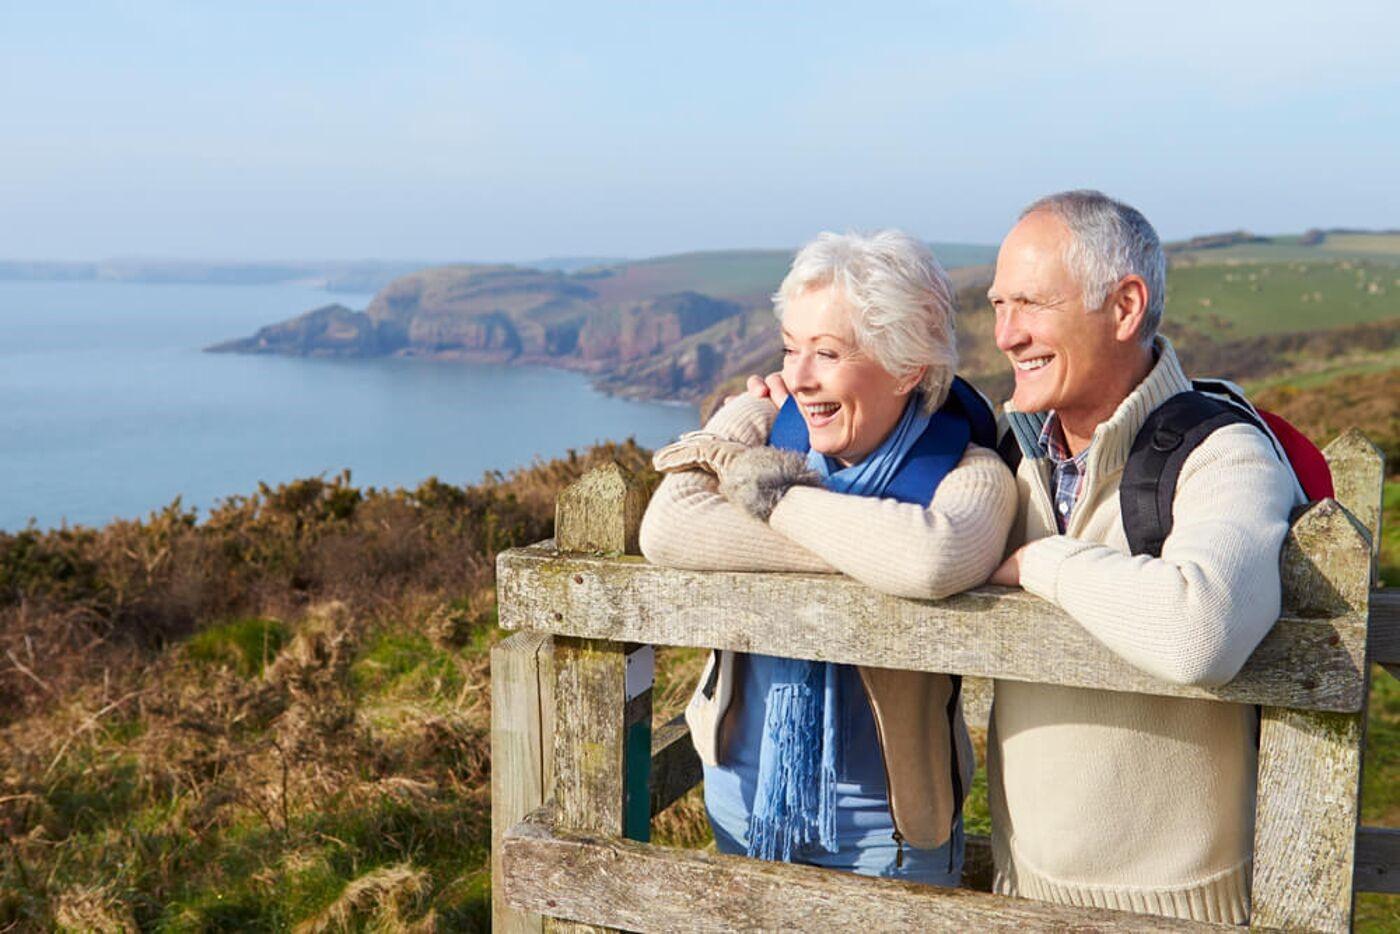 Получить талон для проезда к месту отдыха неработающим пенсионерам стало проще